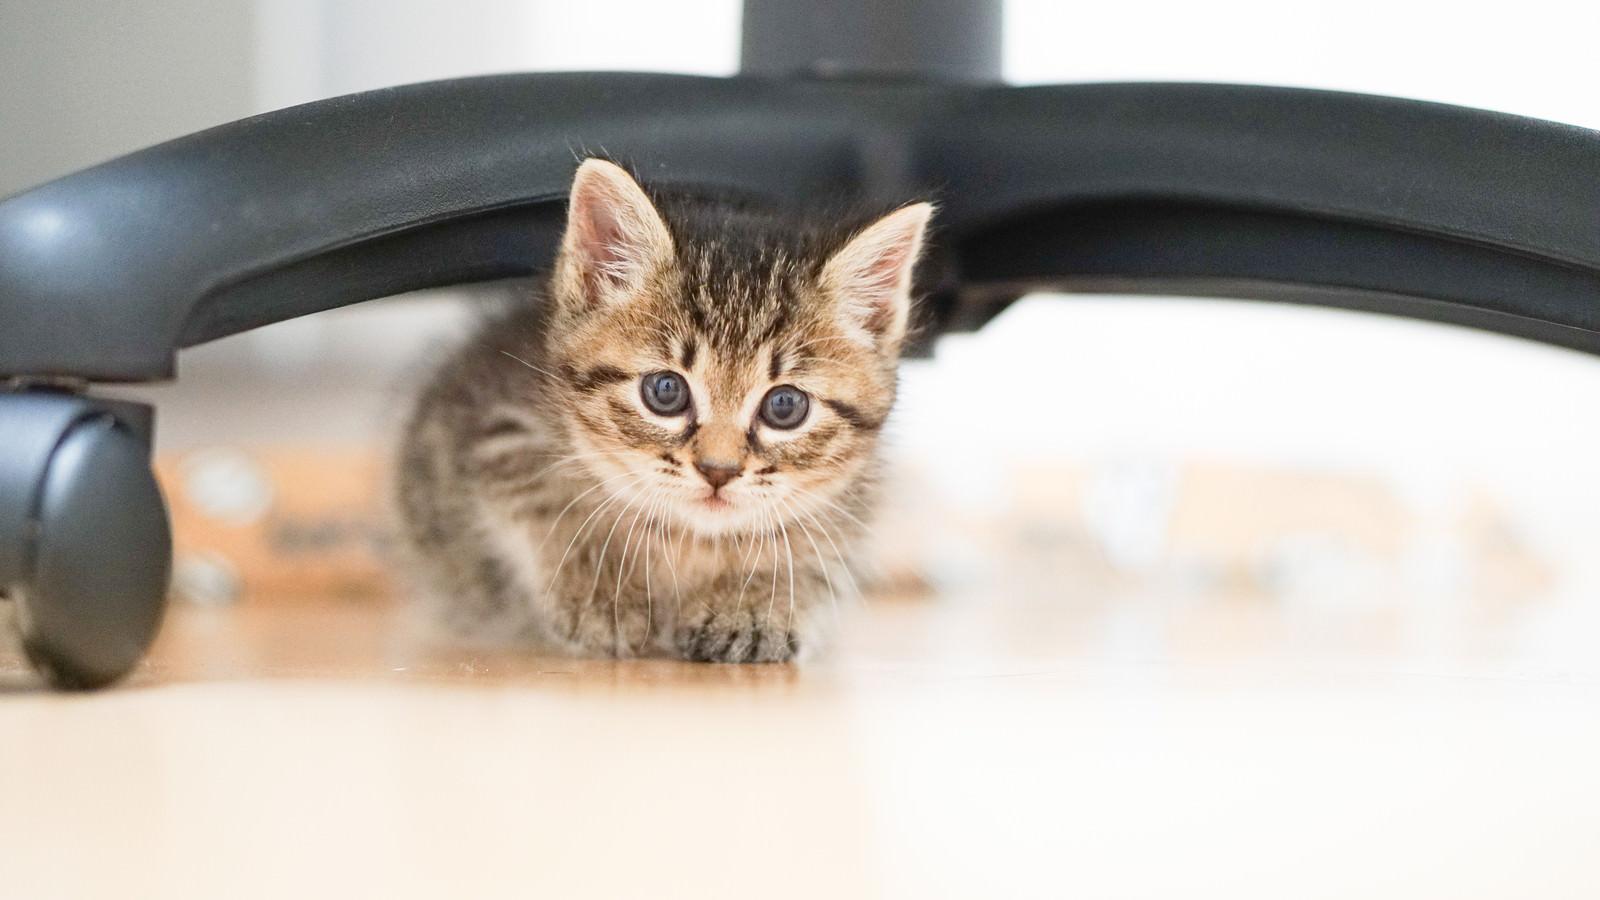 「つぶらな瞳で顔を出す恥ずかしがりやの子猫」の写真